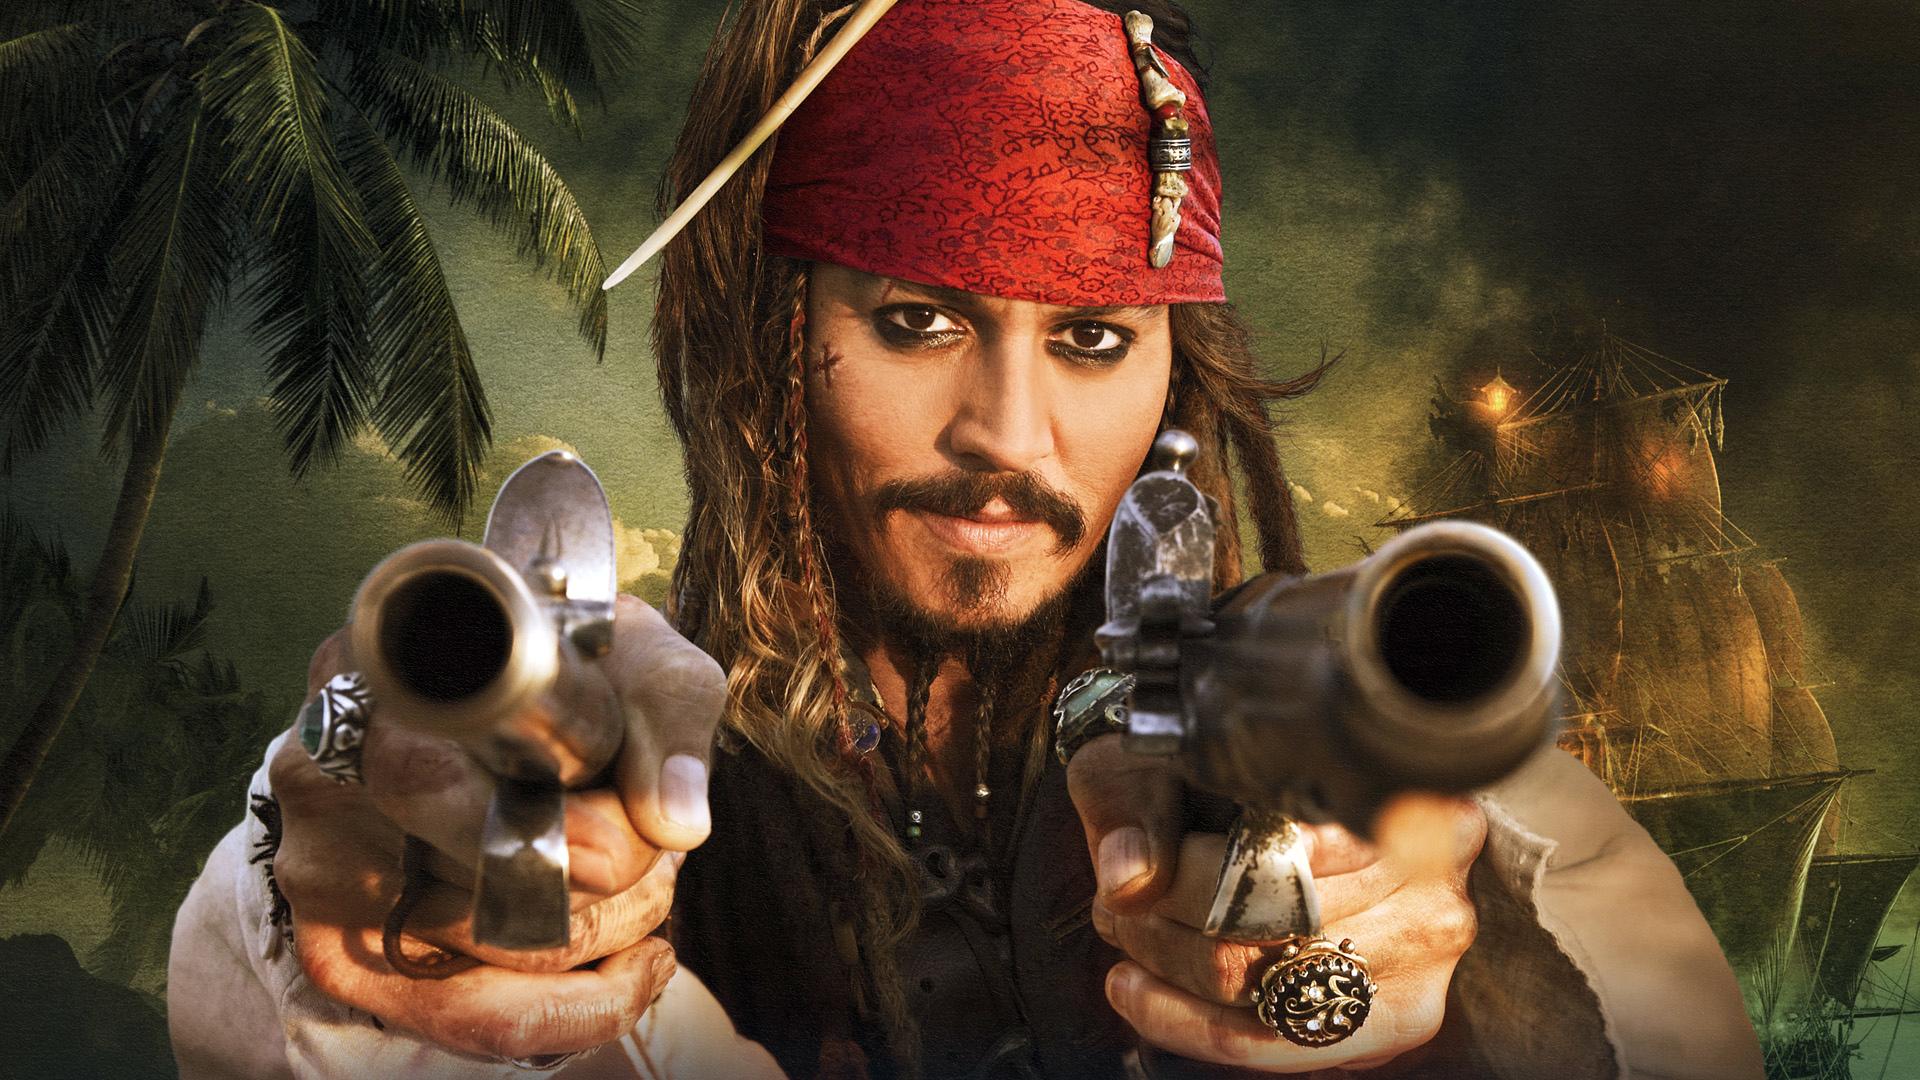 Fotos de piratas del caribe 4 57